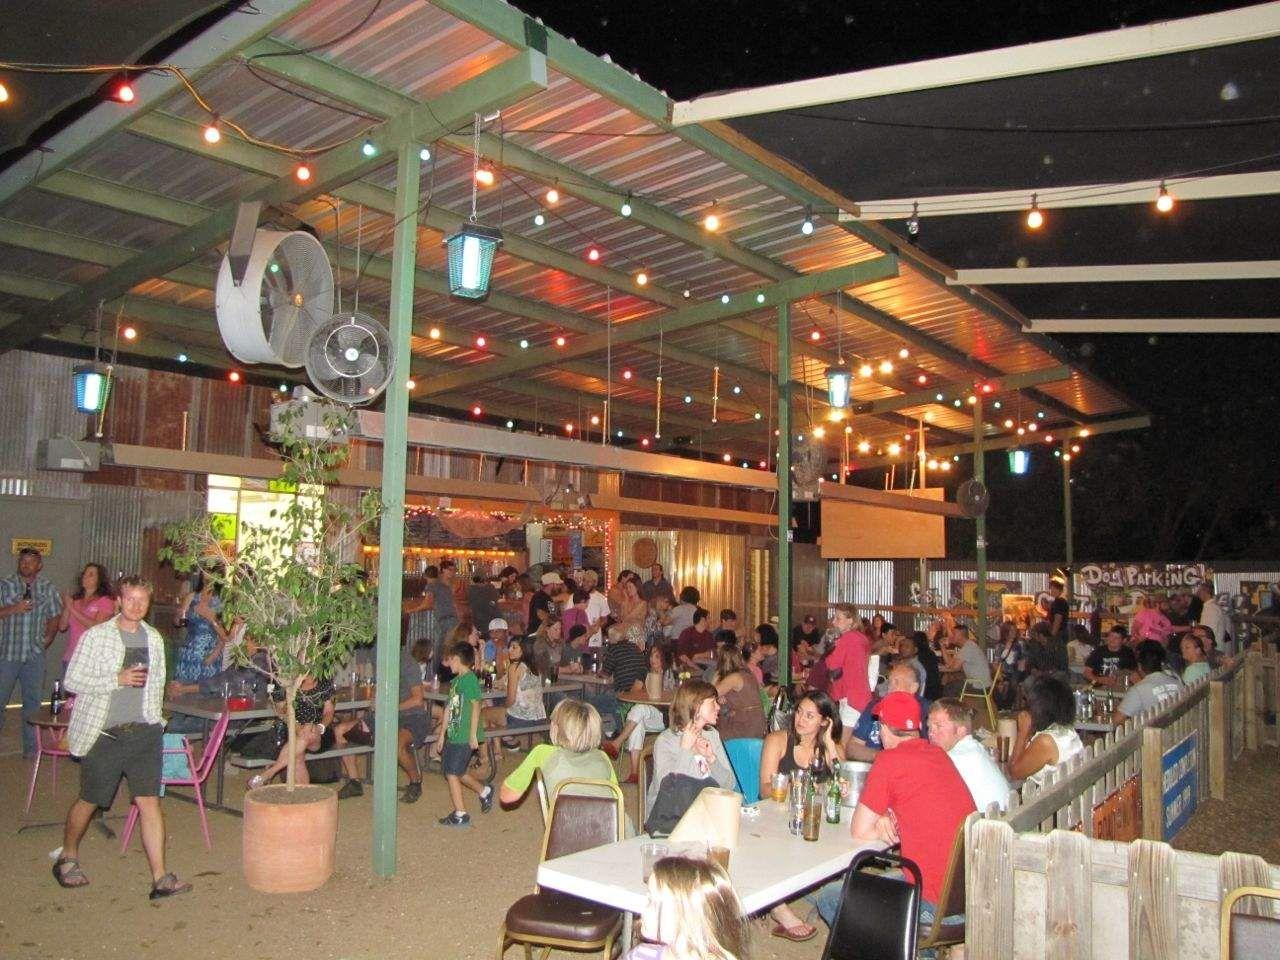 The Best Outdoor Restaurants and Bars in San Antonio   San ...